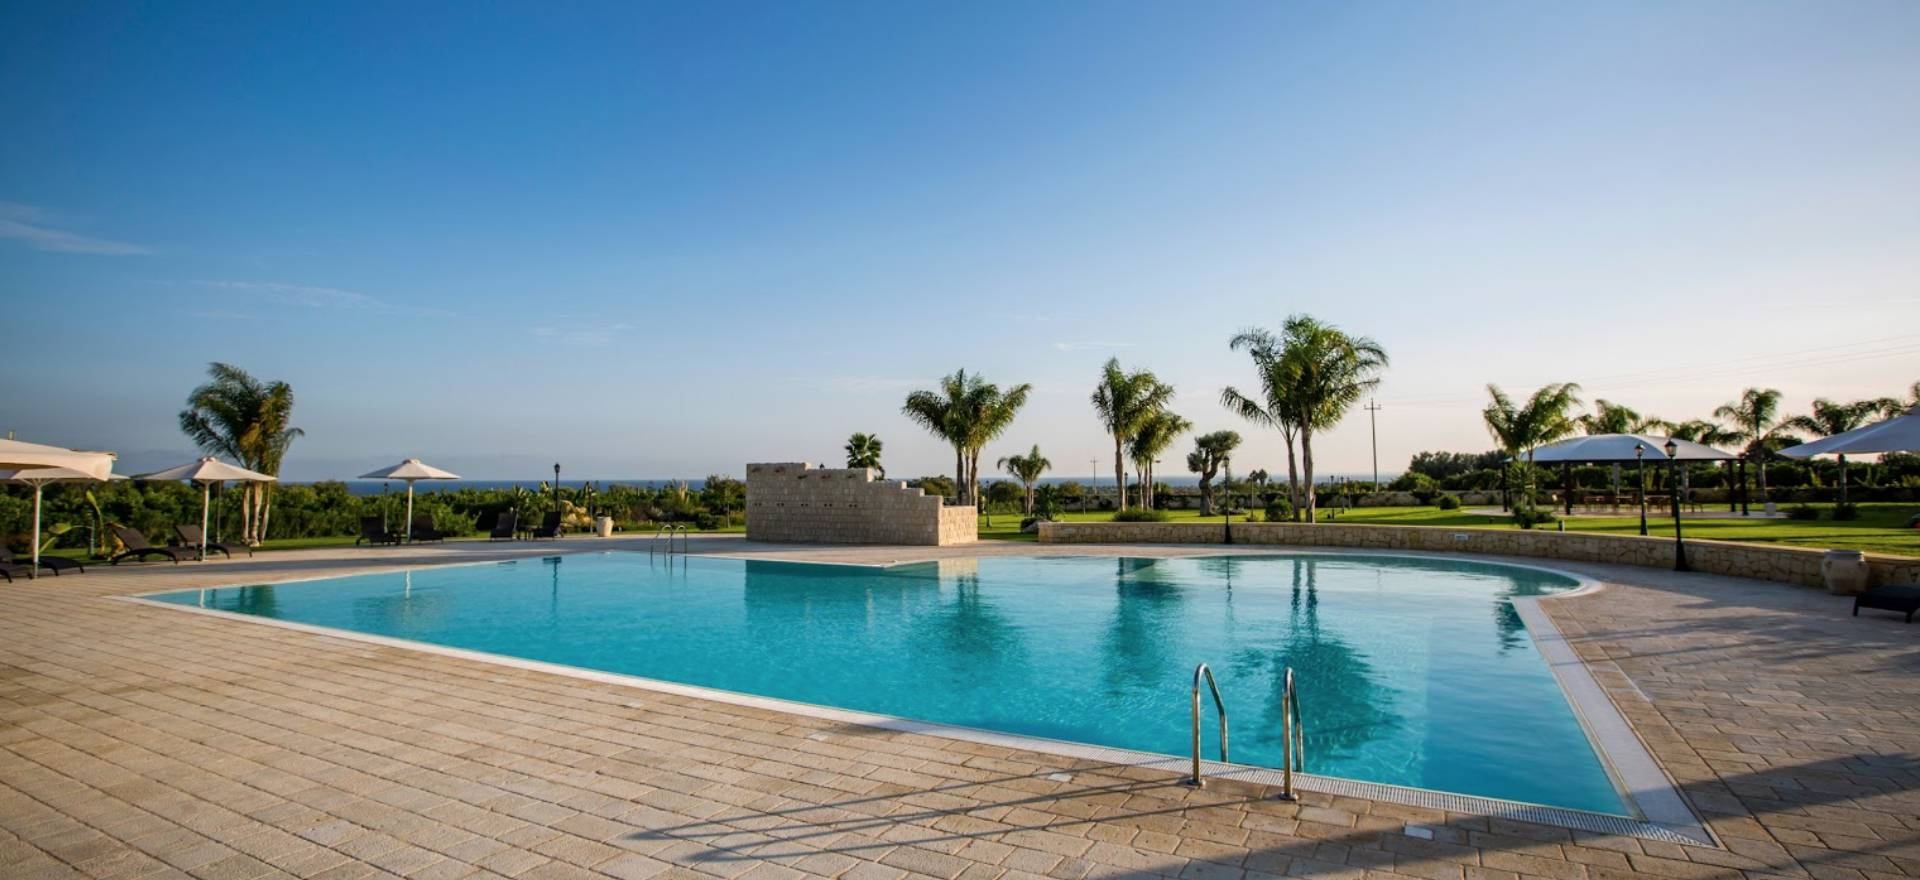 Agriturismo met groot zwembad nabij strand